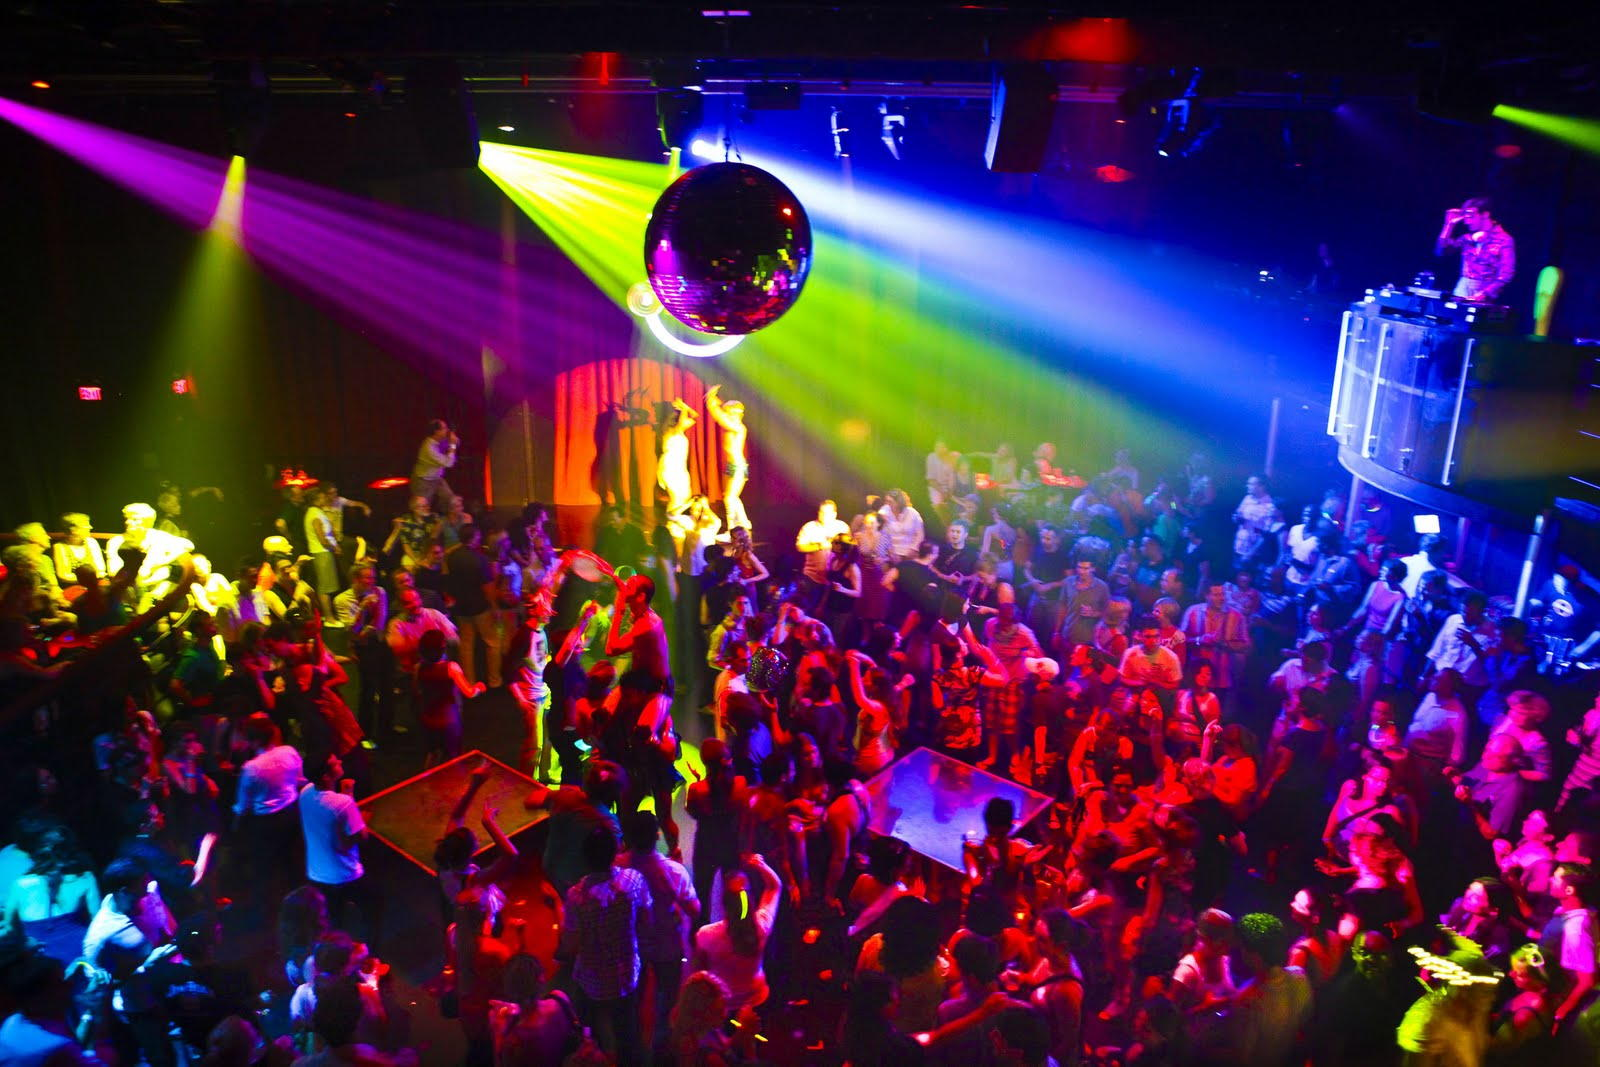 Puglia notte movimentata, lite in una nota discoteca, ragazzo impugna pistola e esplode alcuni colpi, fuggi fuggi generale